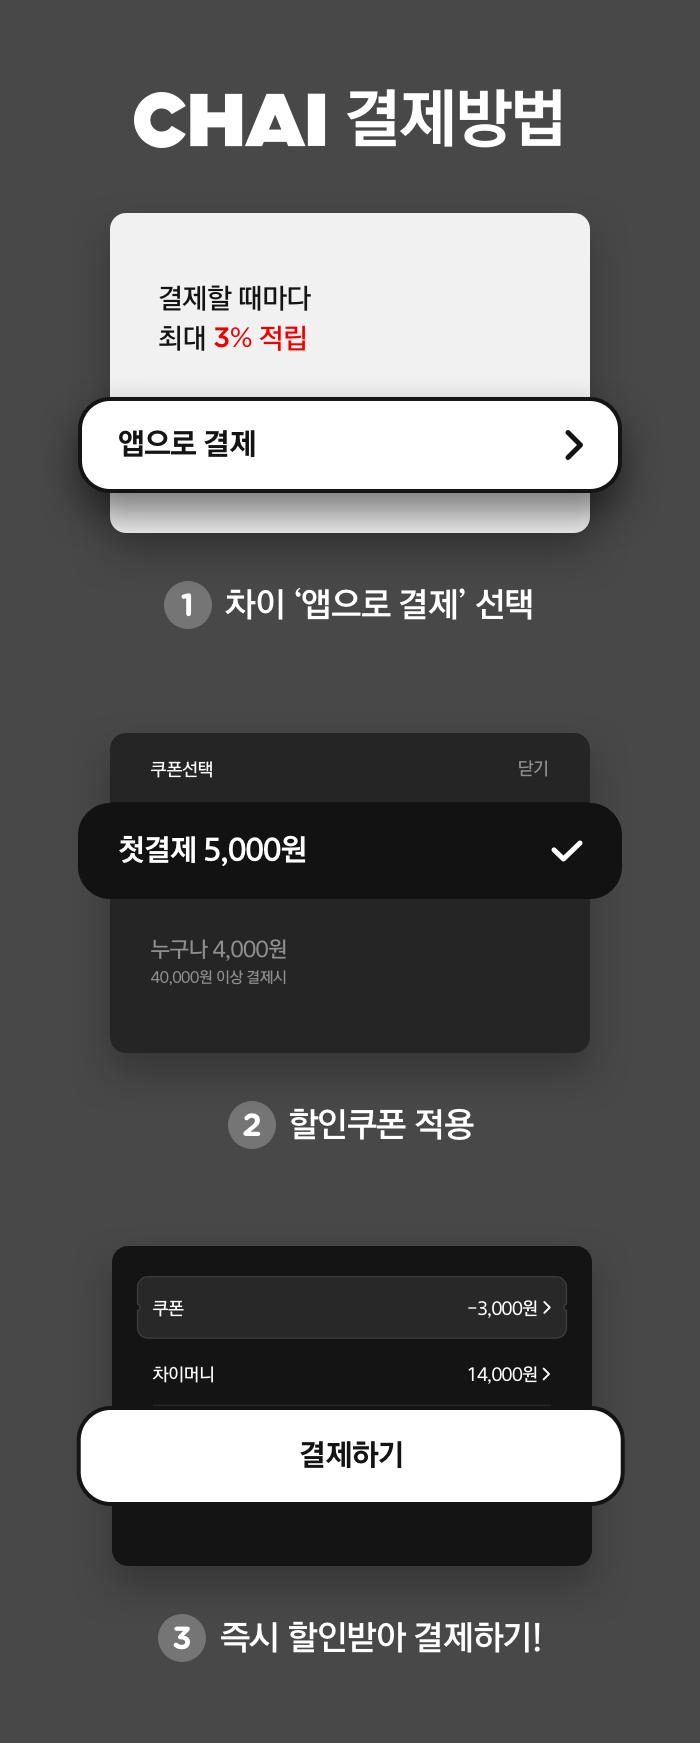 초간단 CHAI 결제방법 1.차이 '앱으로 결제' 선택 2.할인쿠폰 적용 3.즉시 할인받아 결제하기!